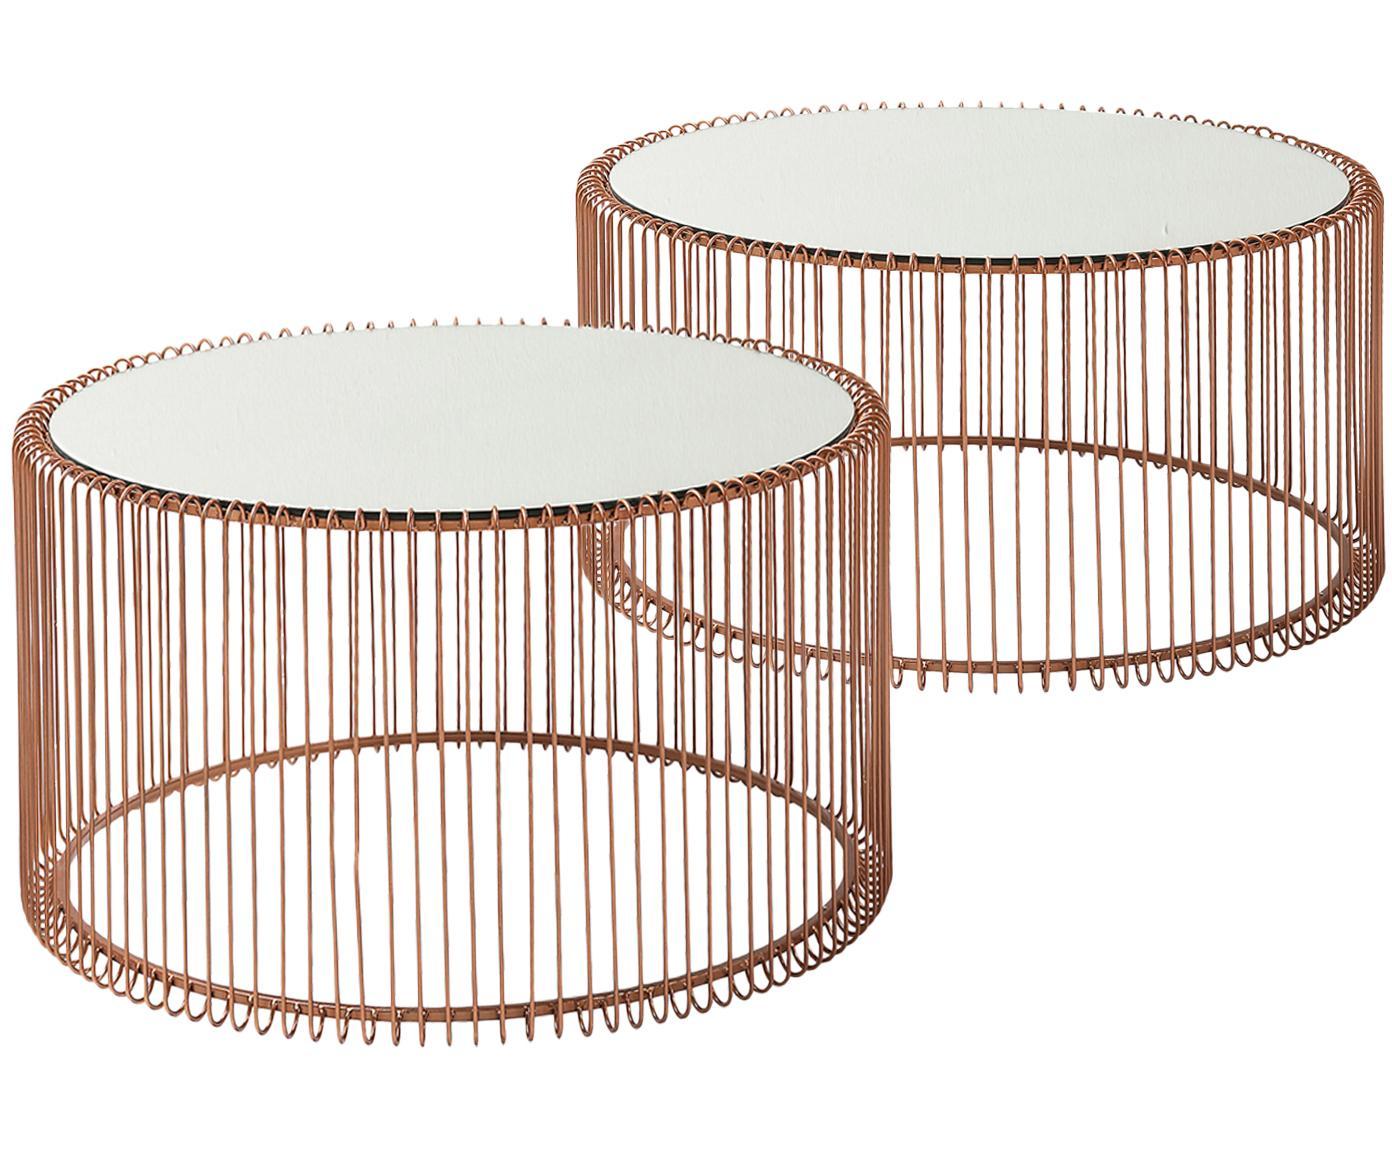 Metall-Couchtisch 2er-Set Wire mit Glasplatte, Gestell: Metall, pulverbeschichtet, Tischplatte: Sicherheitsglas, foliert, Kupfer, Sondergrößen